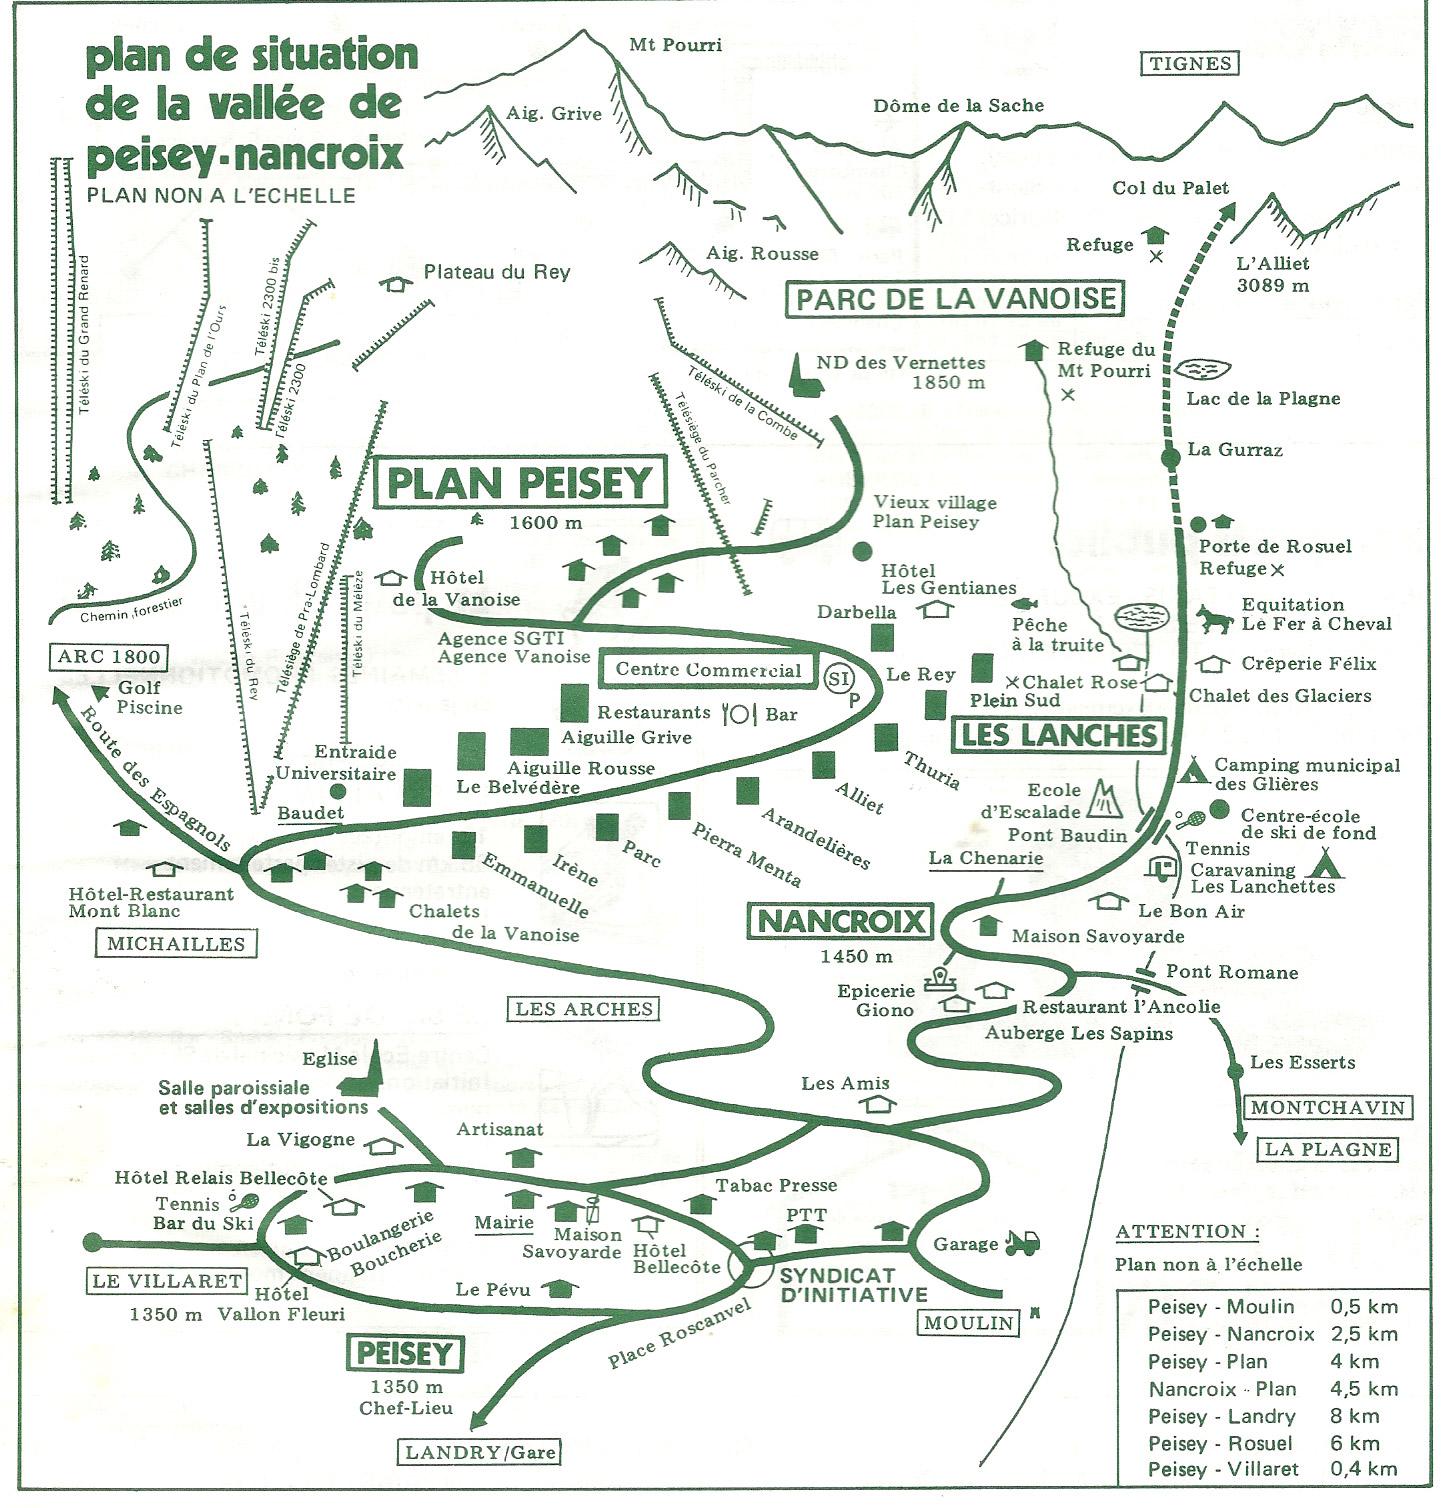 Plan de la vallée de Peisey-Nancroix 1981